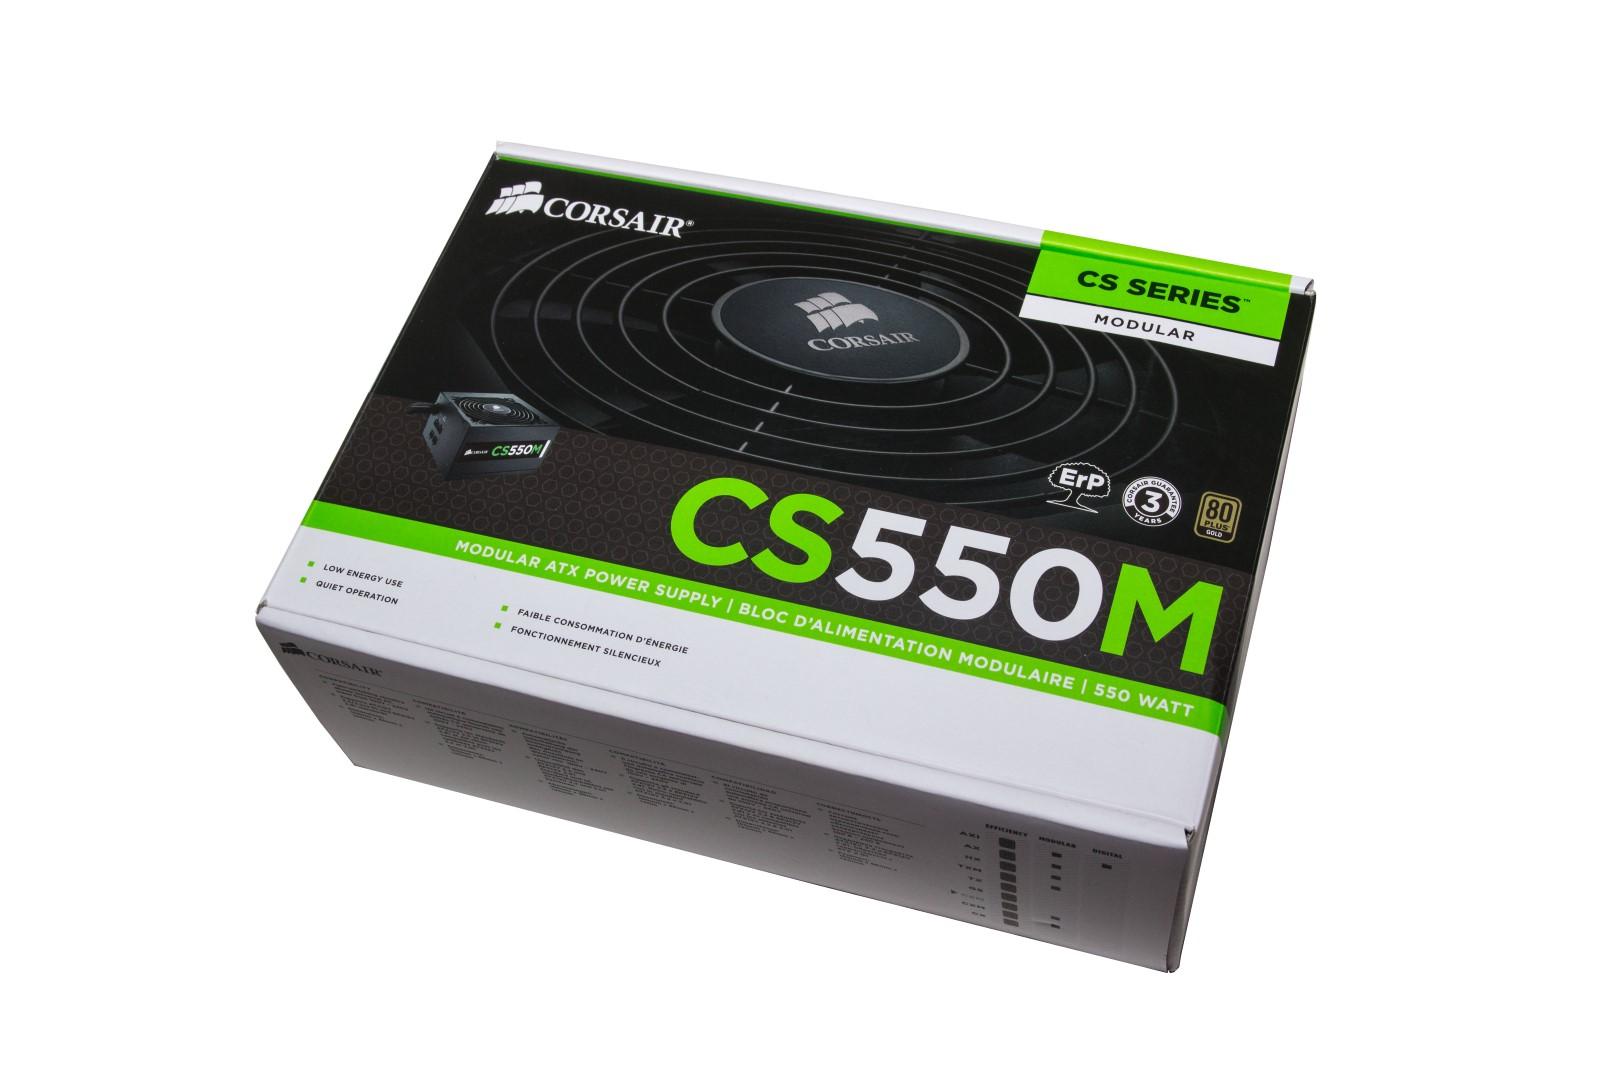 CS550M